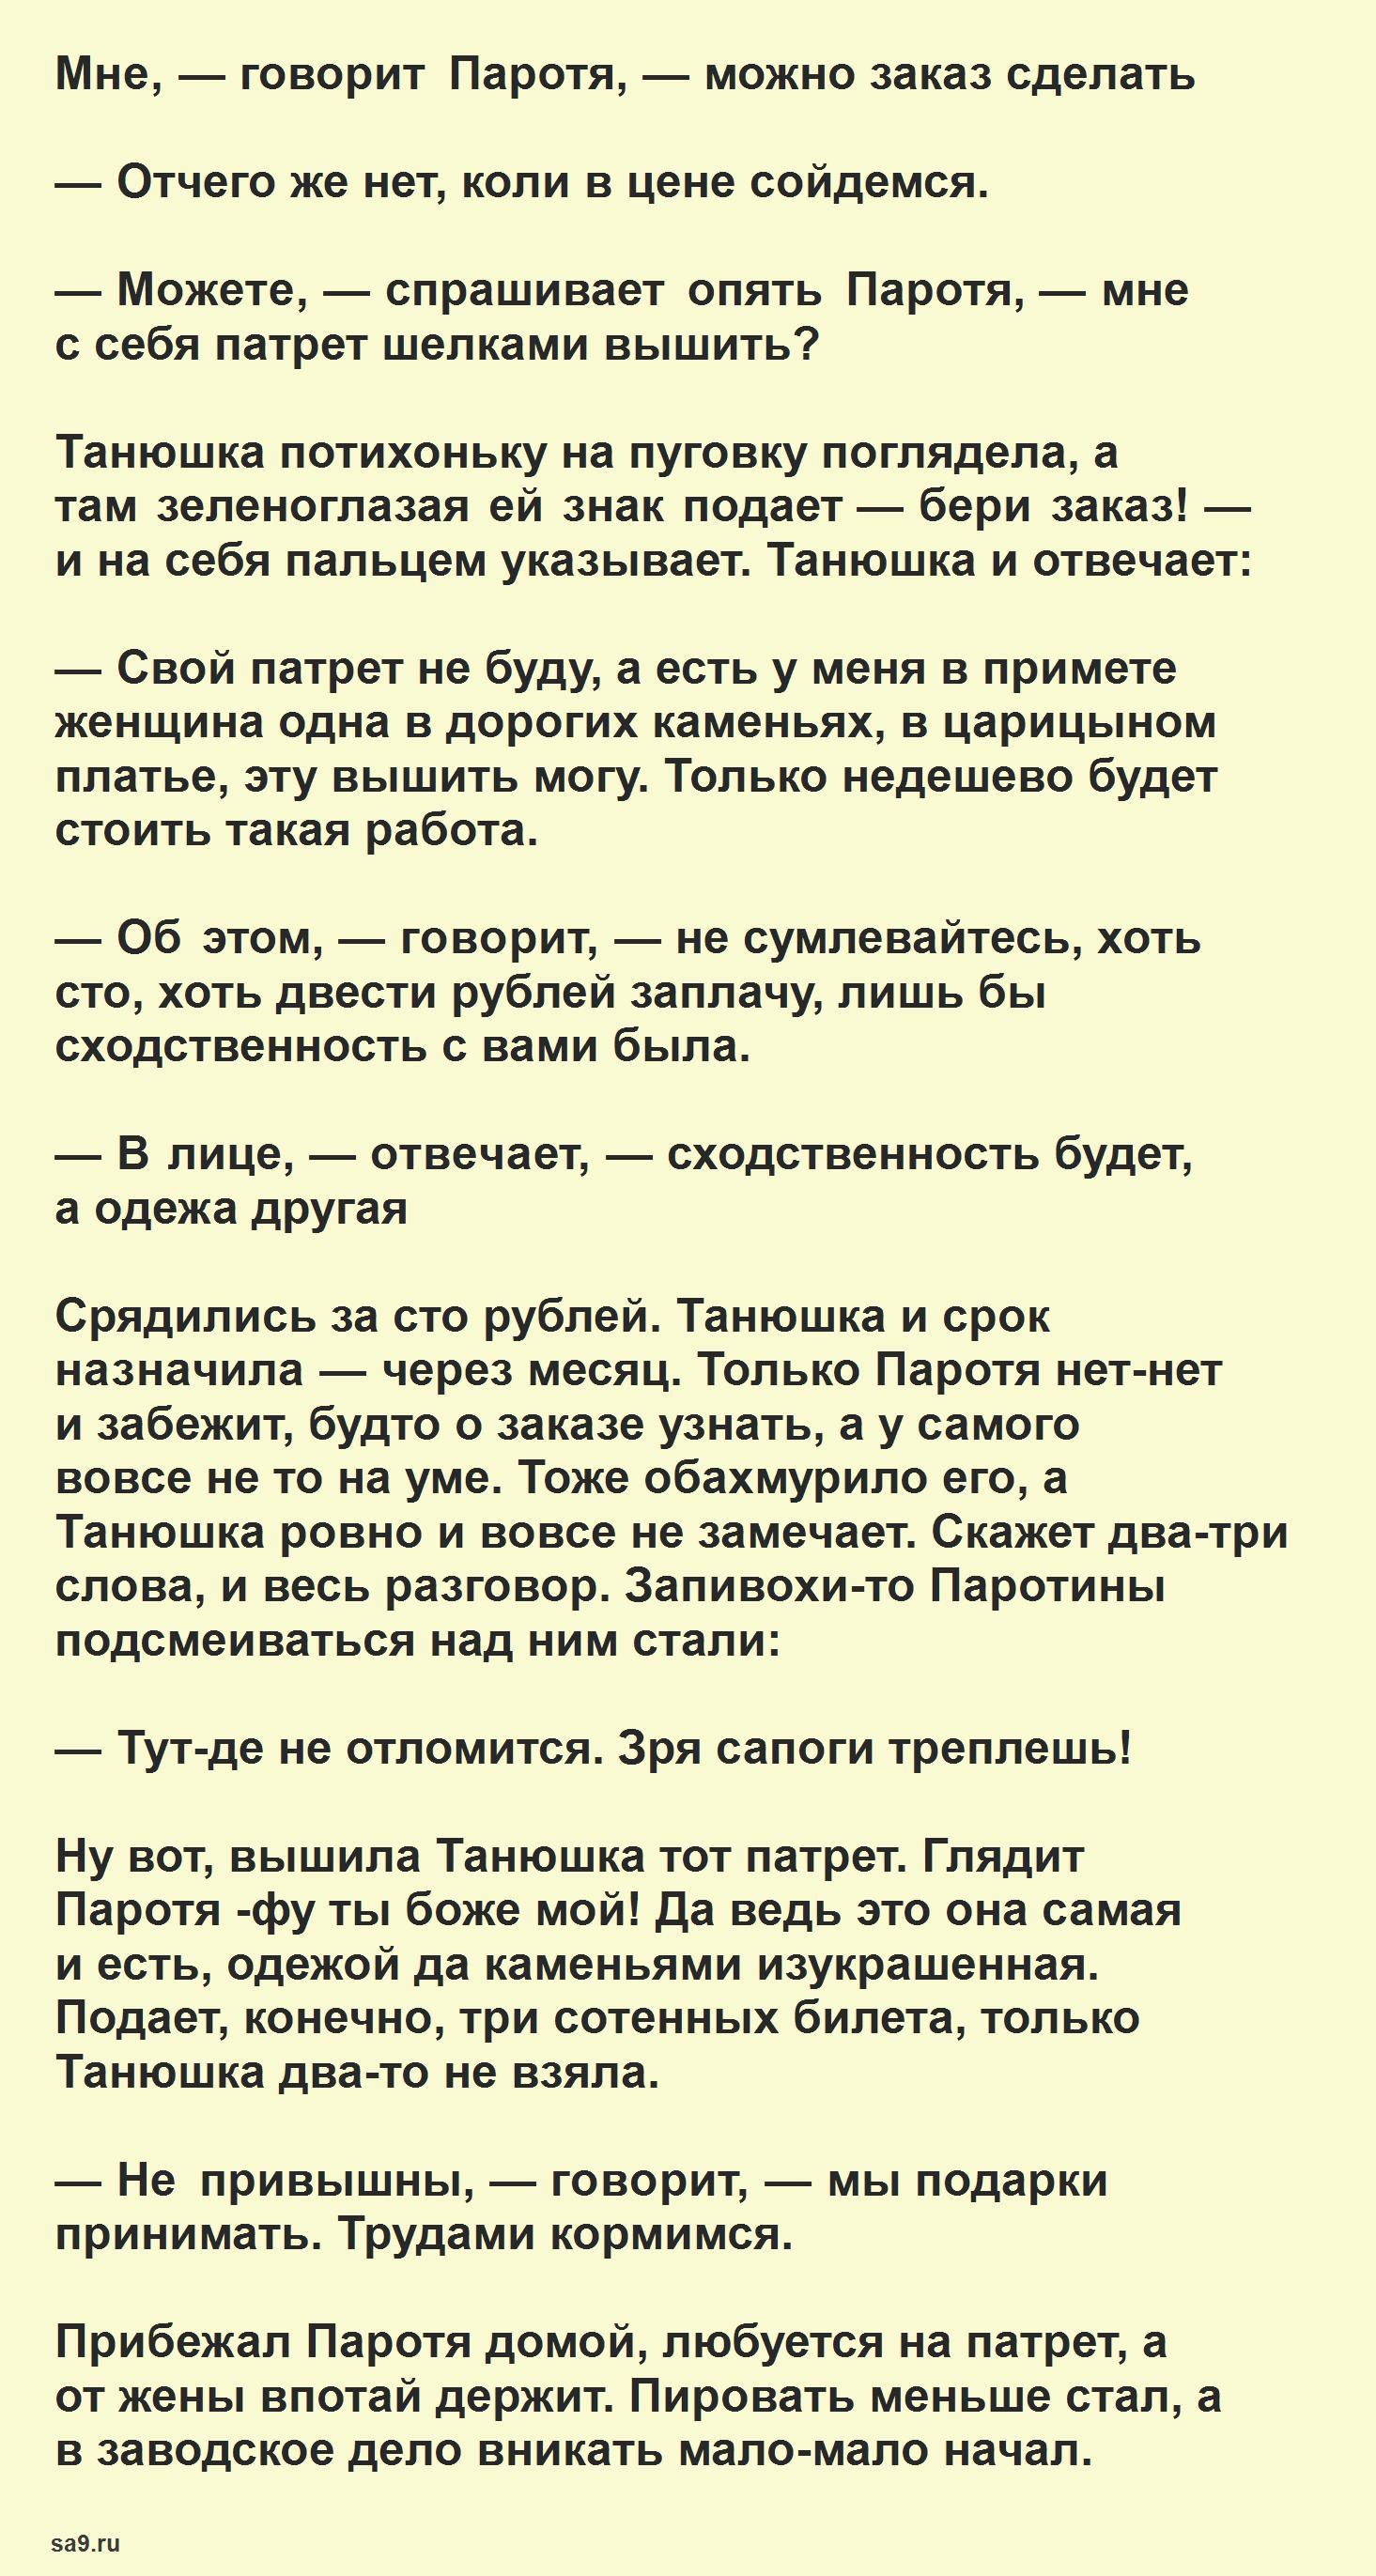 Читаем интересную сказку Бажова для детей - Малахитовая шкатулка